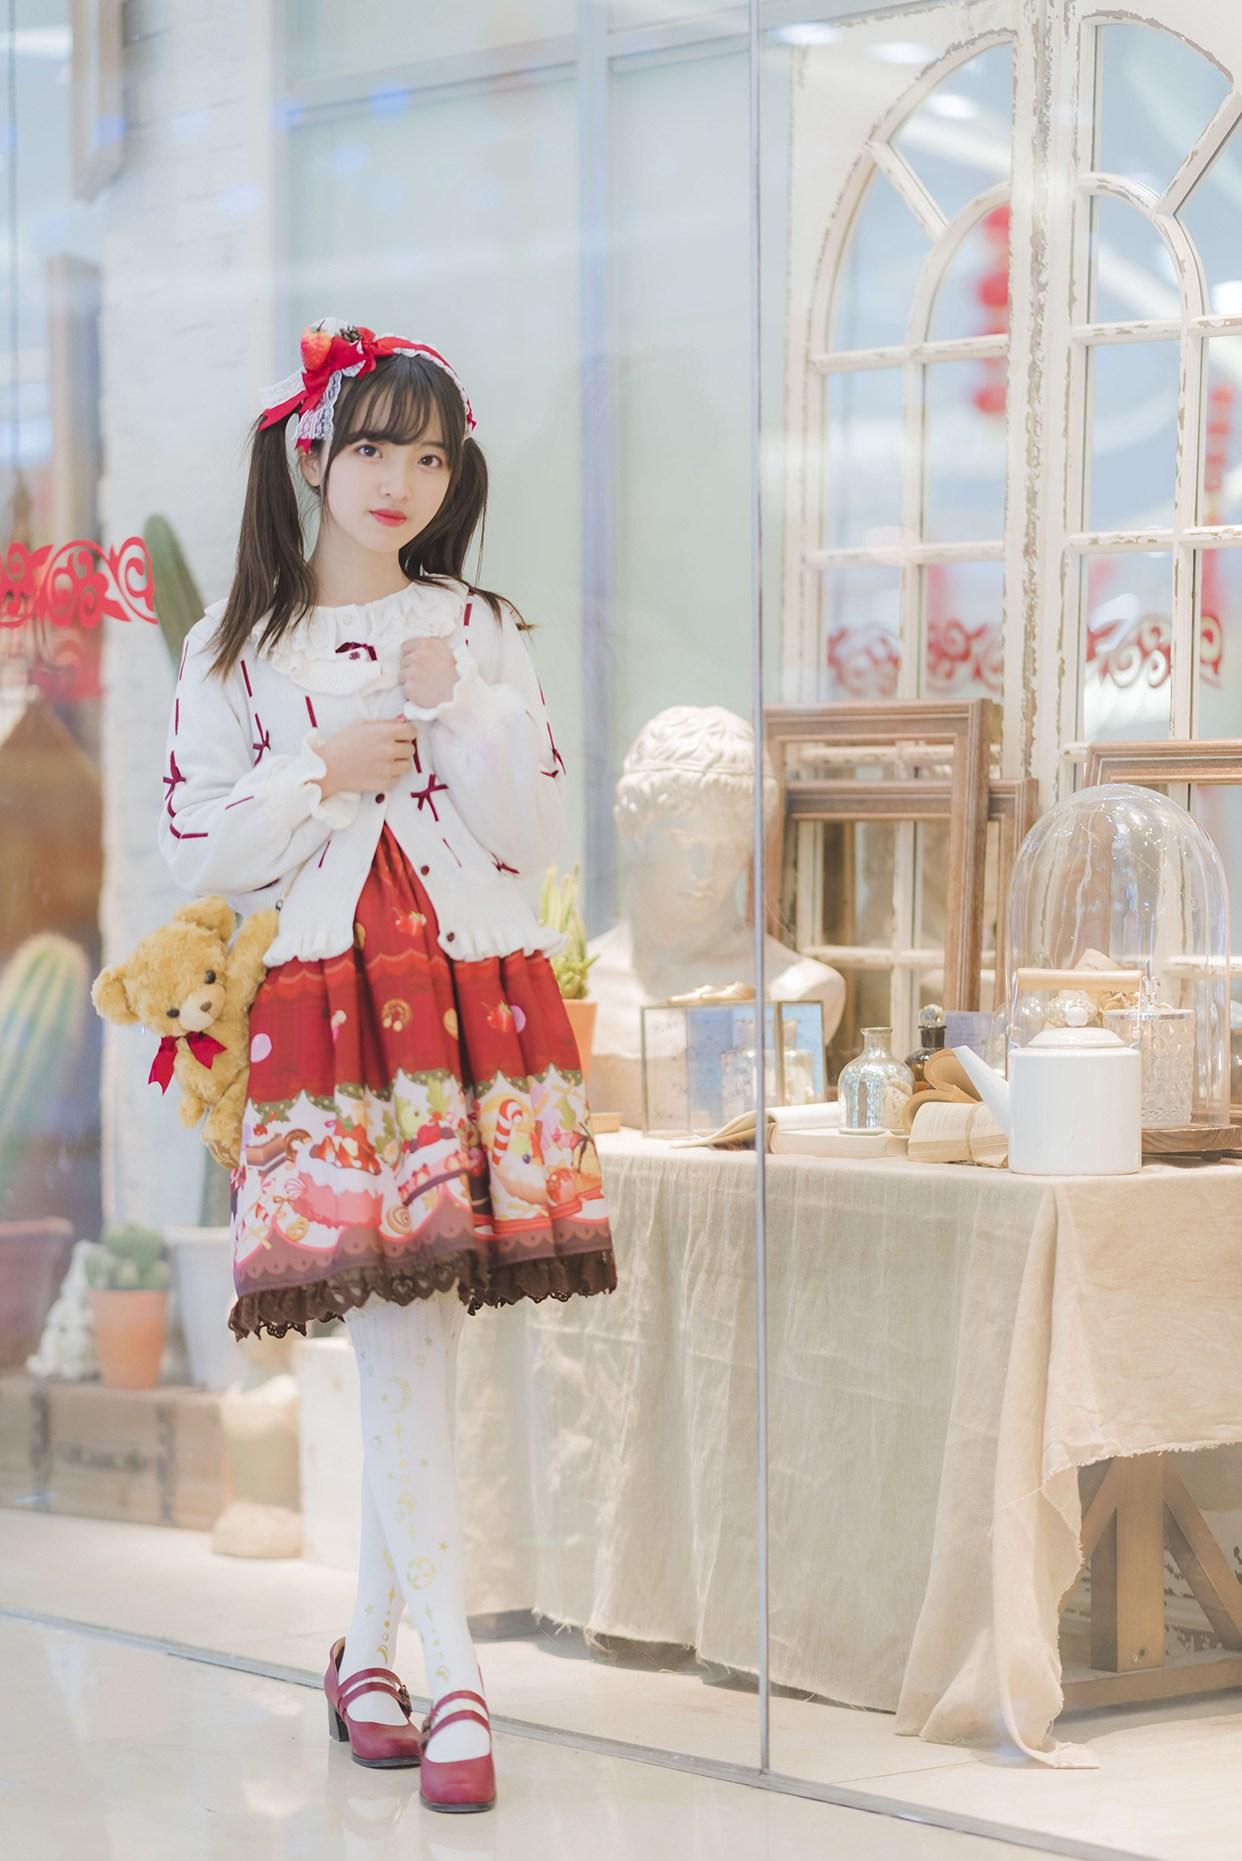 【兔玩映画】一只甜甜的小女友 兔玩映画 第26张